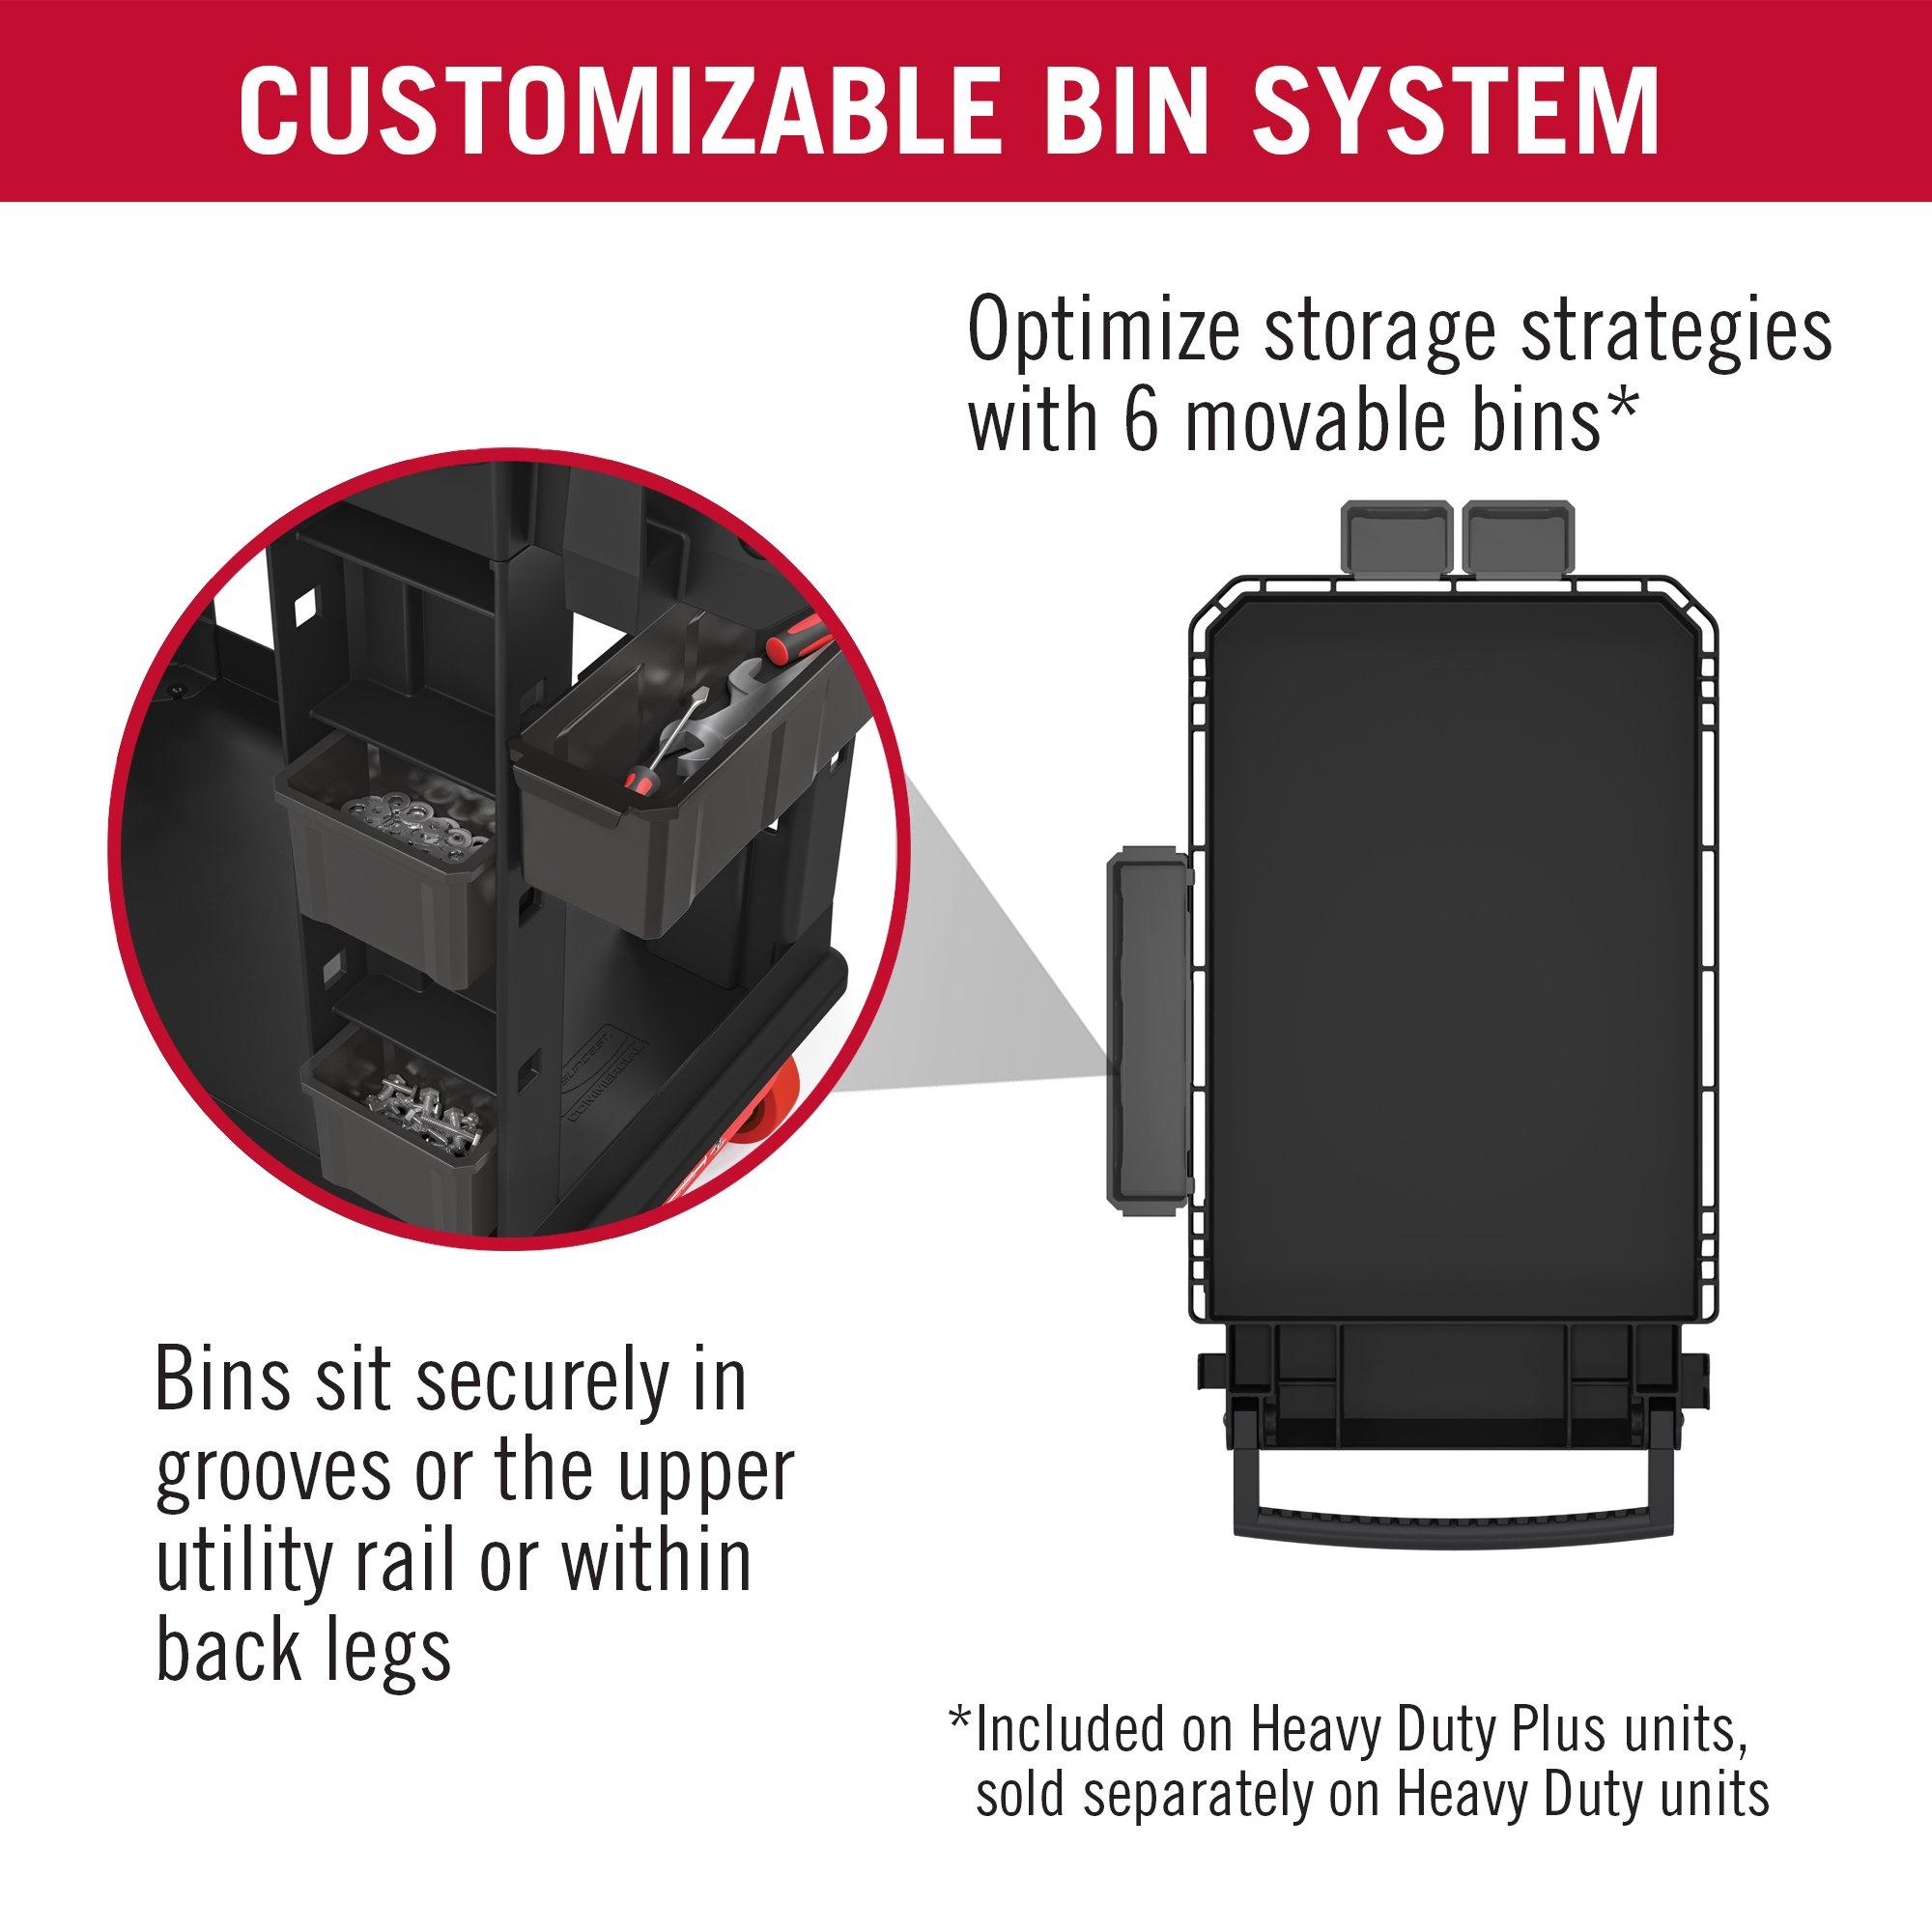 Suncast Commercial PUCHD1937 Utility Cart, Heavy Duty Plus 19 x 37, 500 Pounds Load Capacity, black by Suncast Commercial (Image #3)